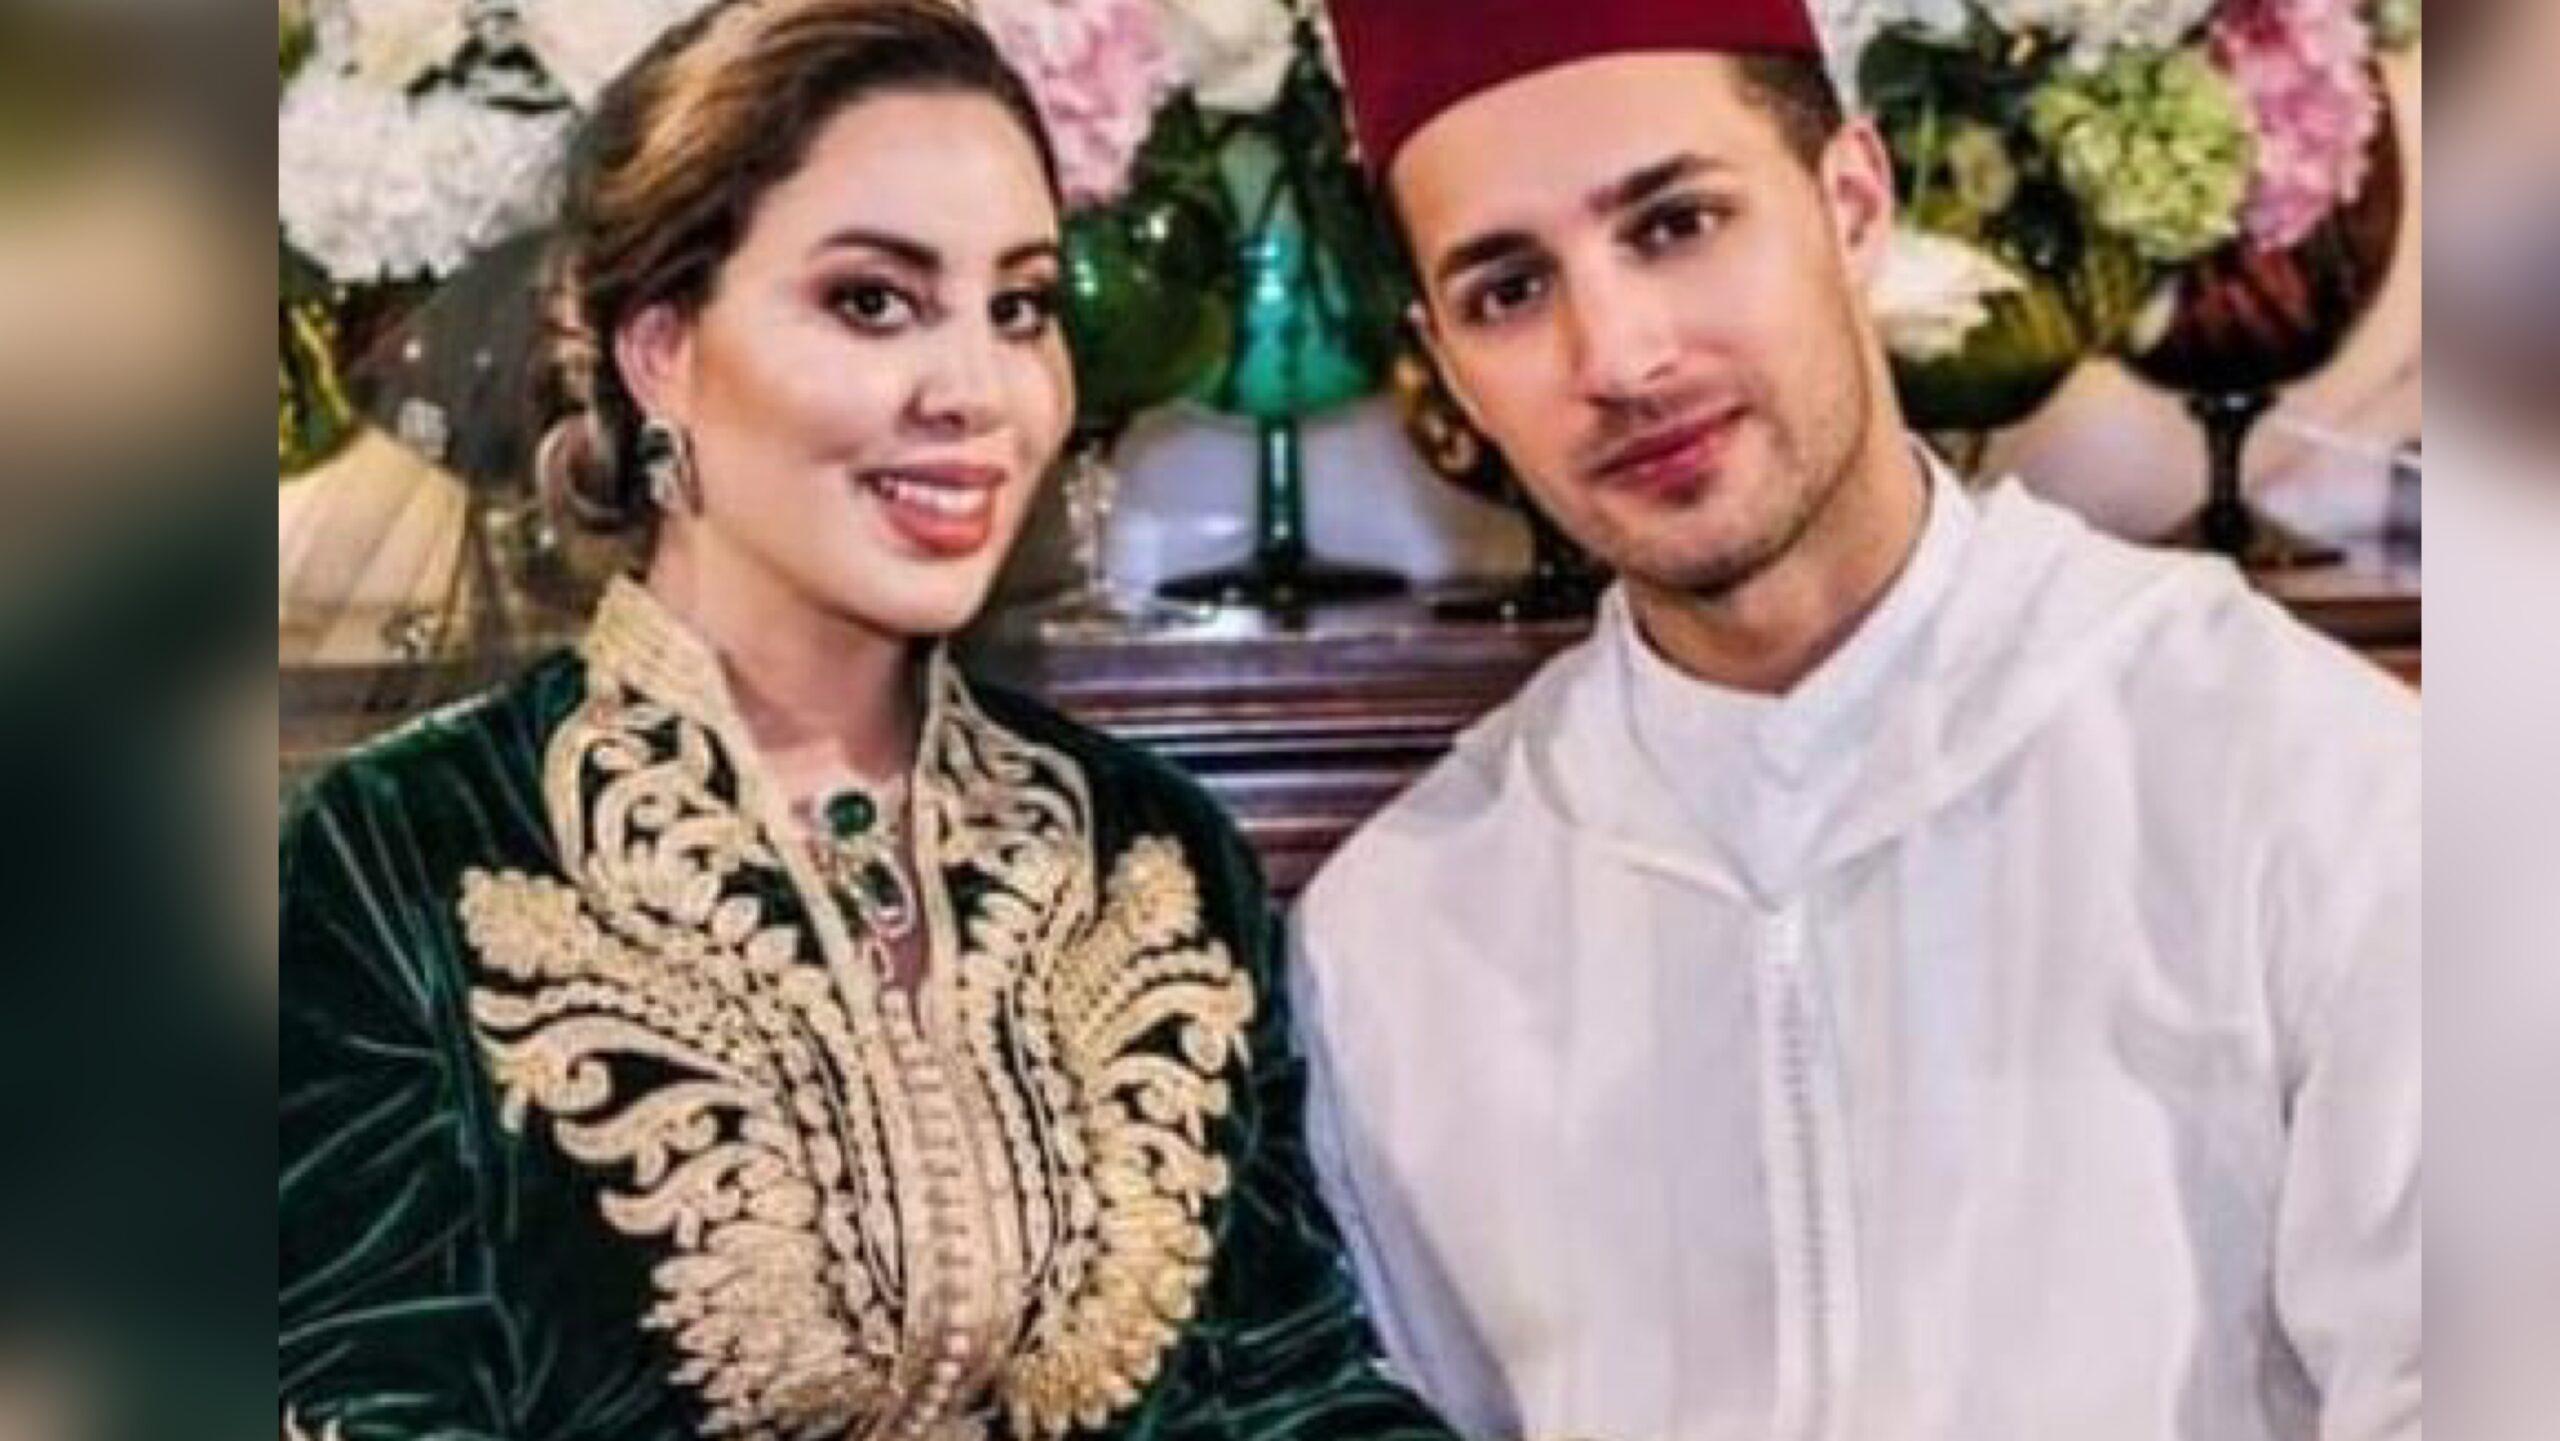 صورة عقد قران للا نهيلة كريمة صاحبة السمو الملكي الأميرة للا أسماء بالشاب عادل الحاجي